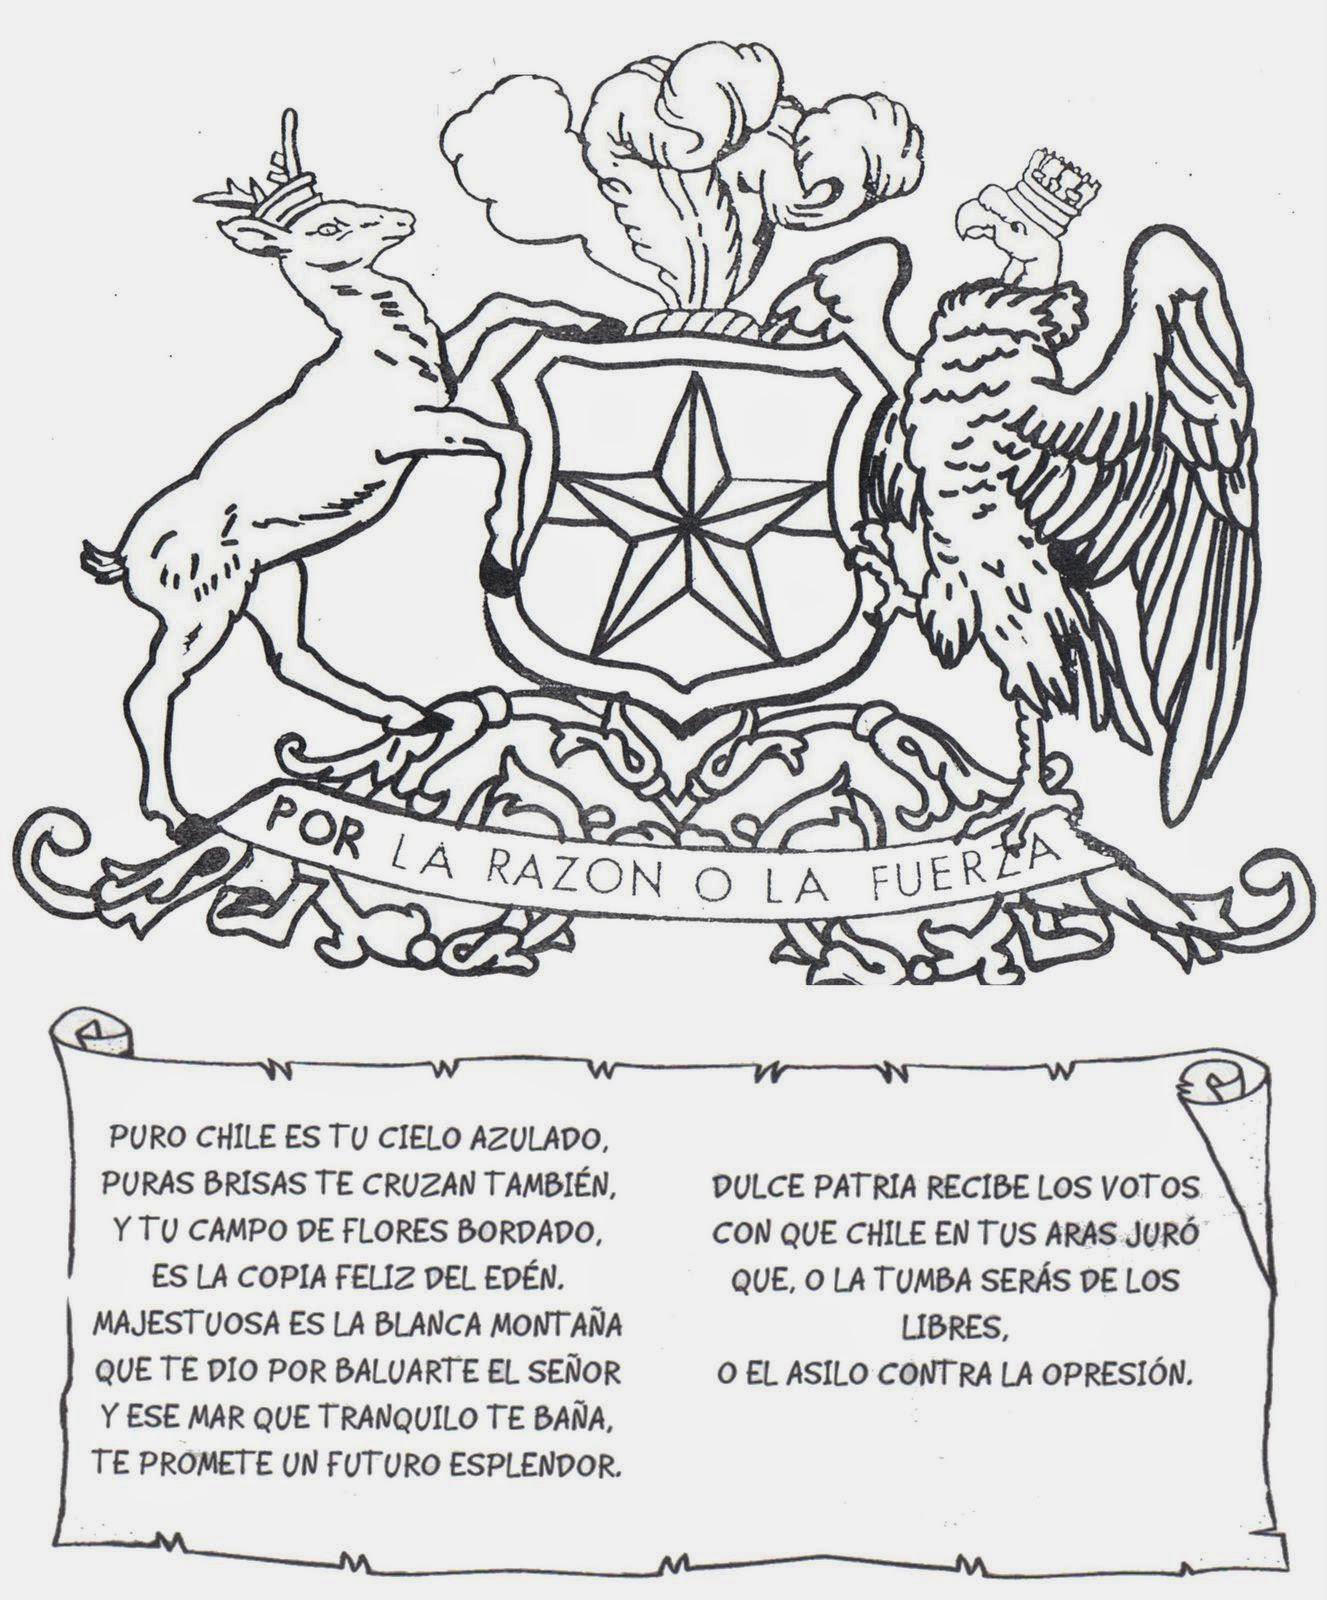 dibujos fiestas patrias de chile, huaso, cueca, | Busco Imágenes